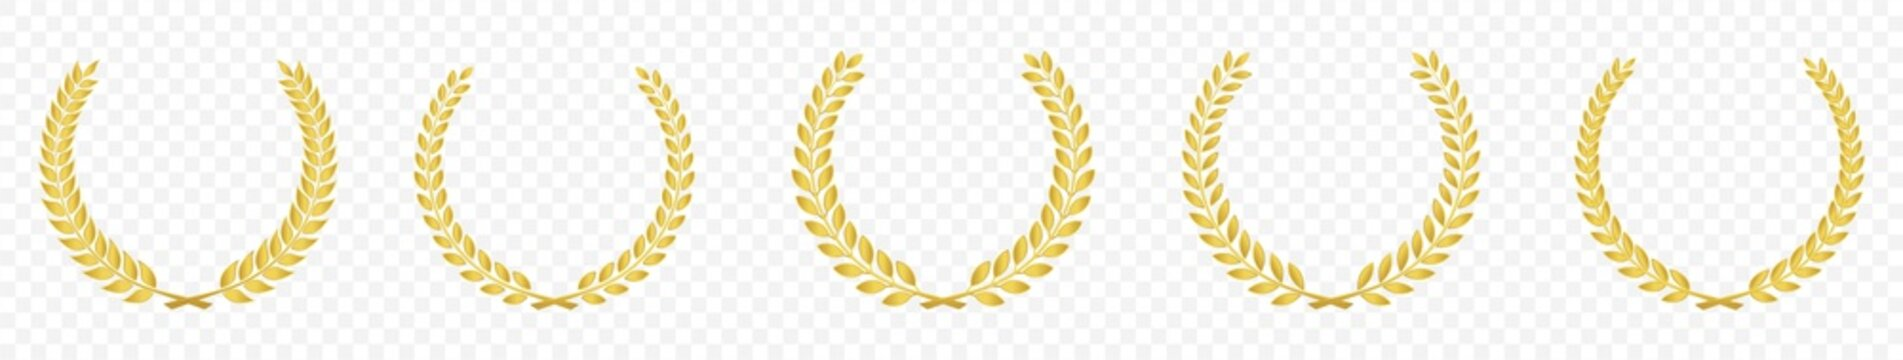 Set of Golden laurel or olive greek wreath vector illustration isolated on transparent background